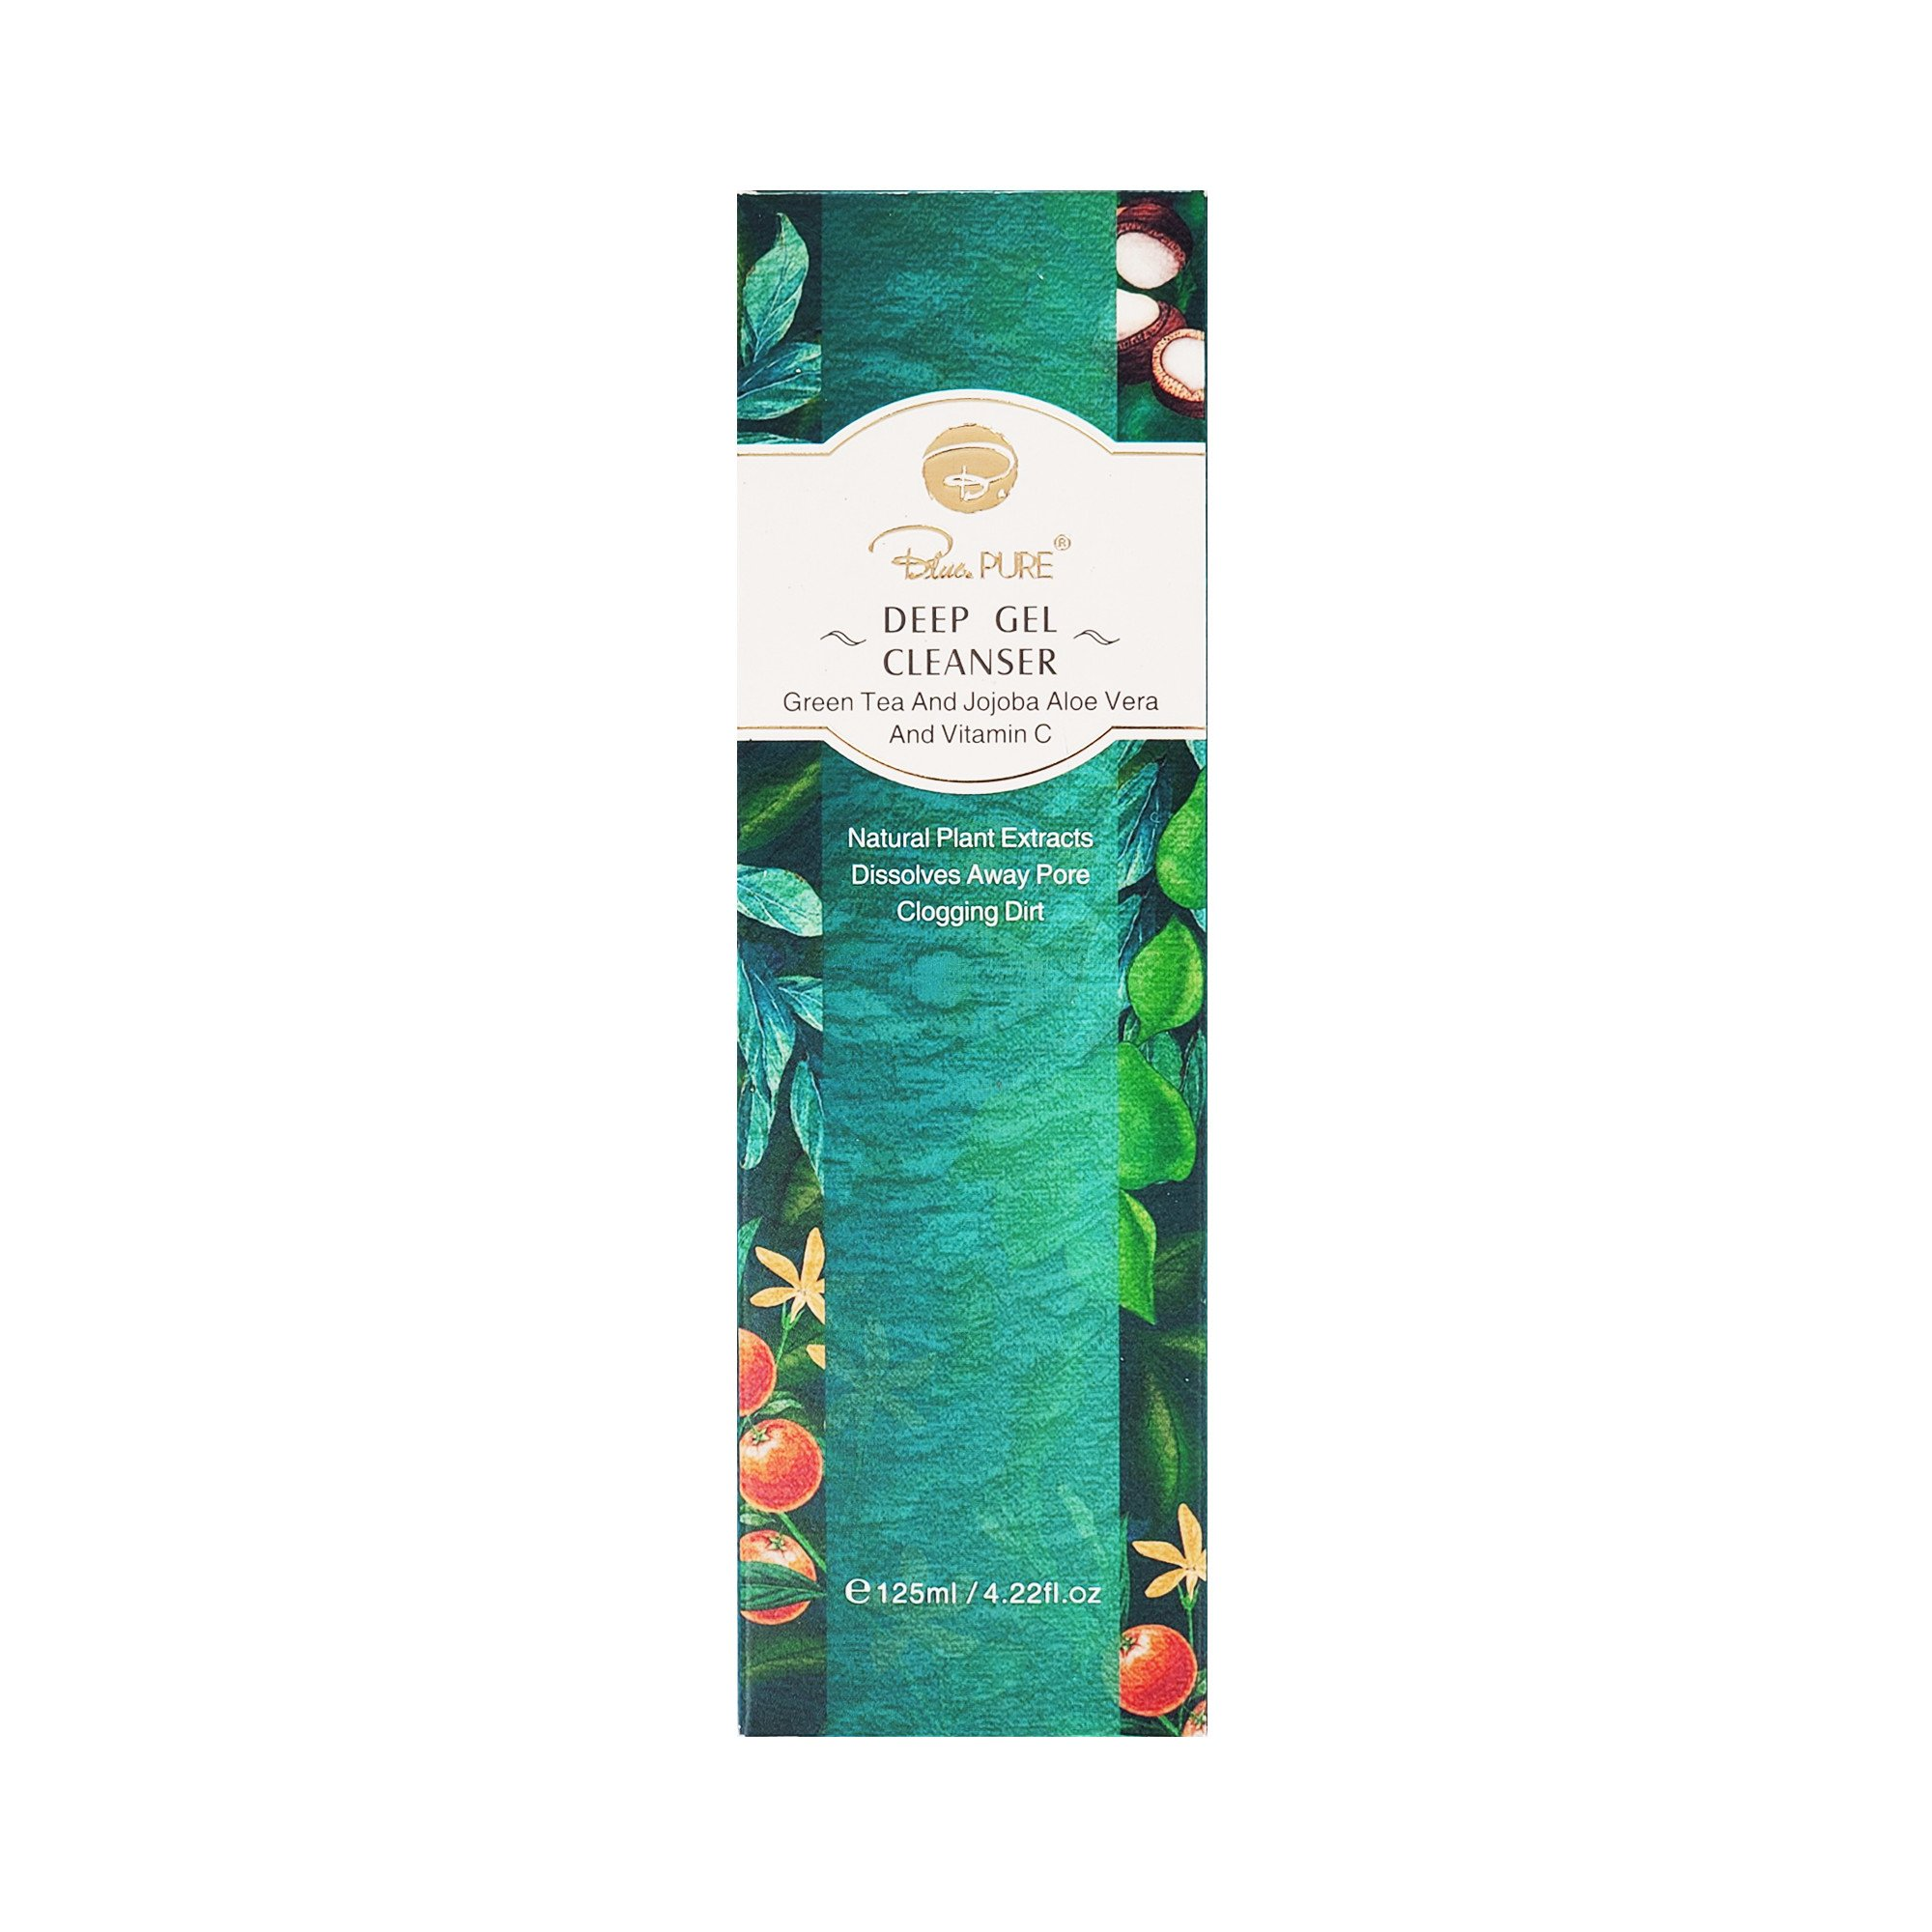 Sữa rửa mặt trà xanh sạch sâu giải phóng lỗ chân lông Blue.pure Deep Gel Cleanser (125ml)